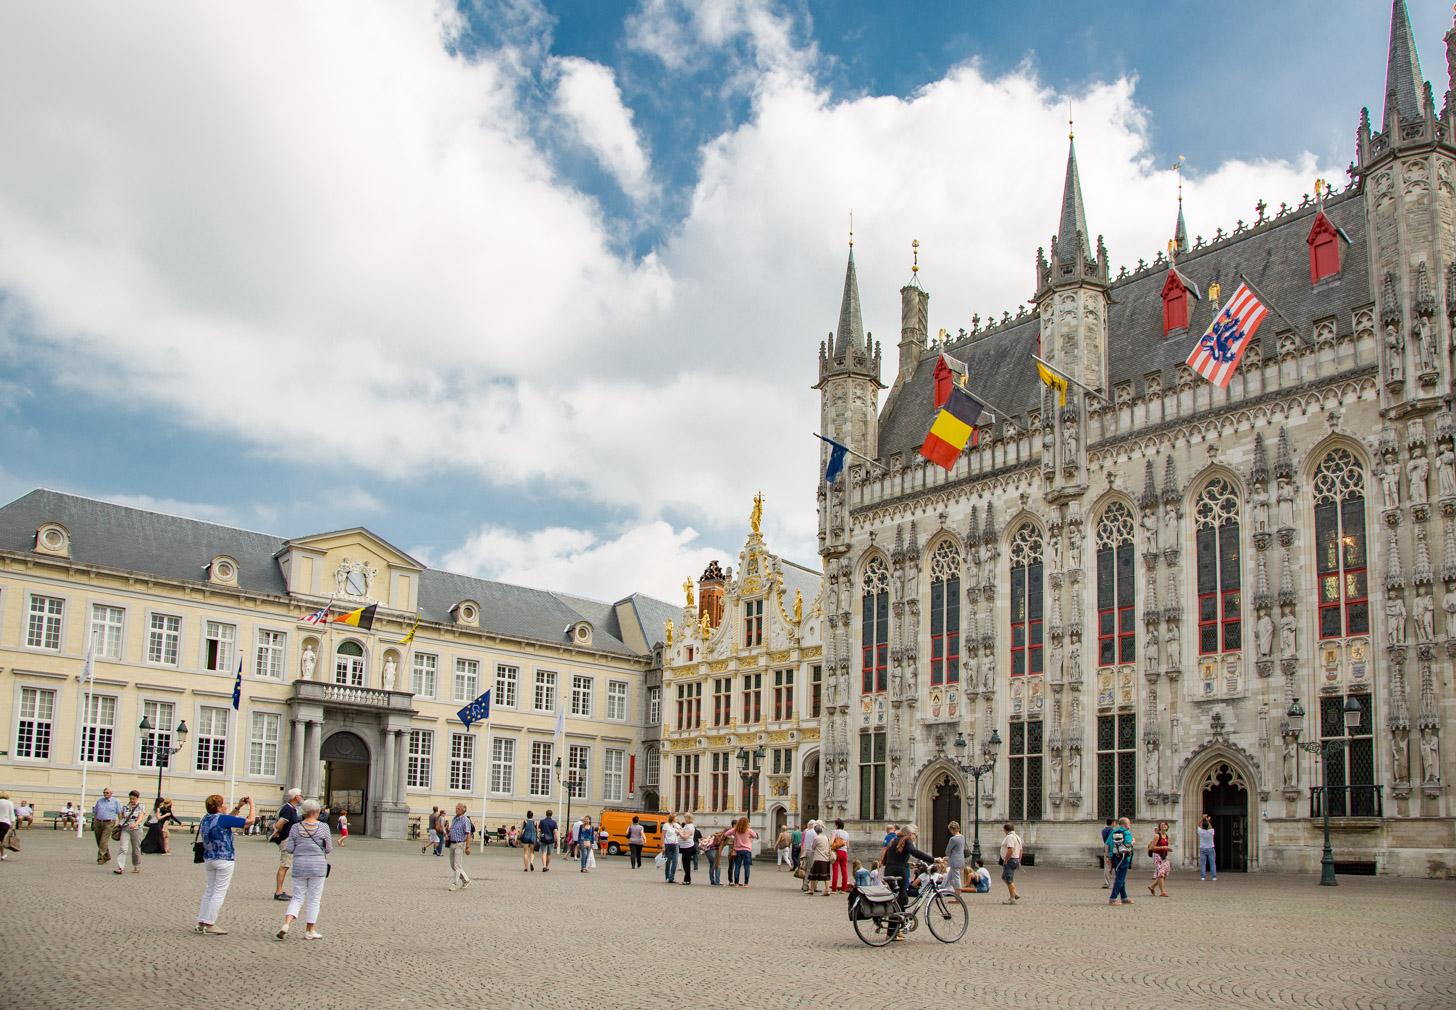 De historische binnenstad van Brugge